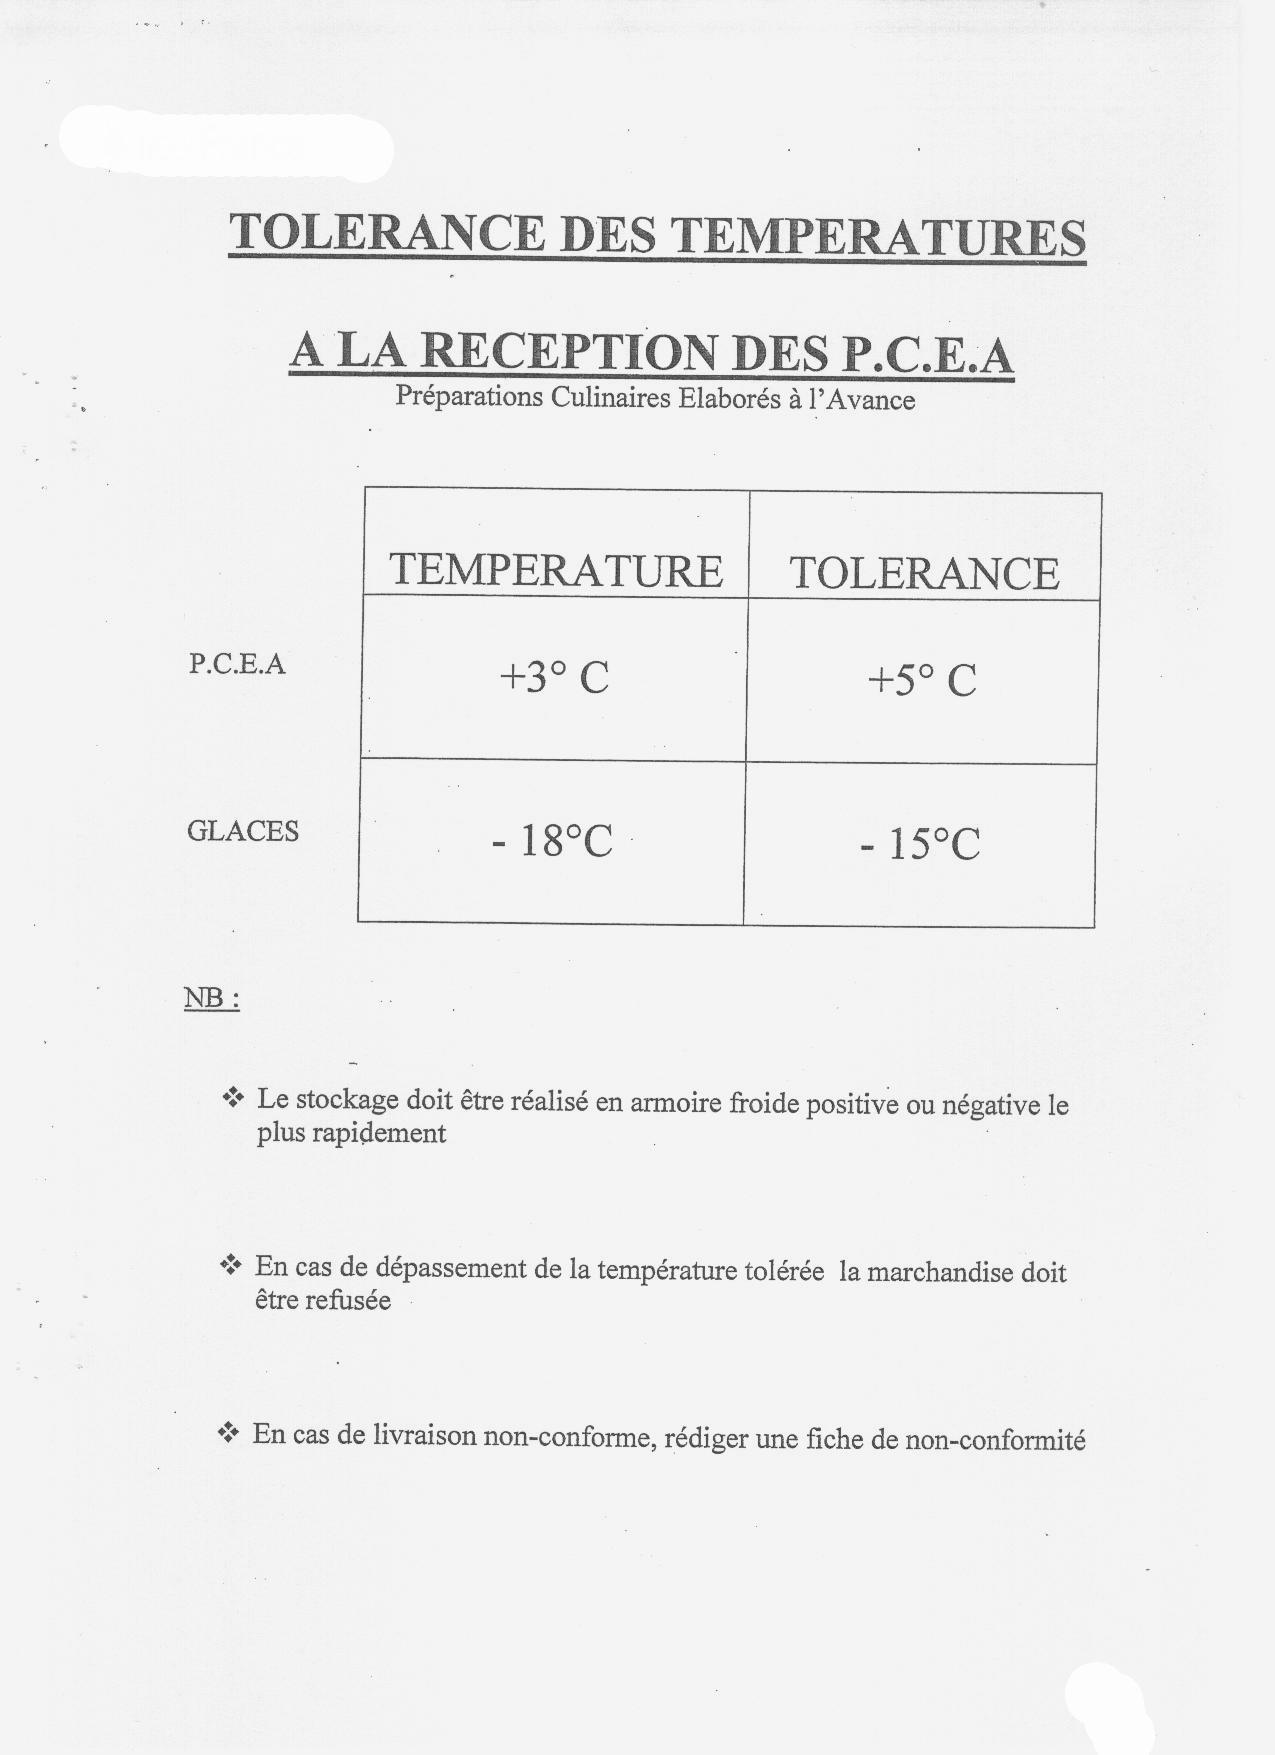 temperatures-a-la-reception-des-PEAC